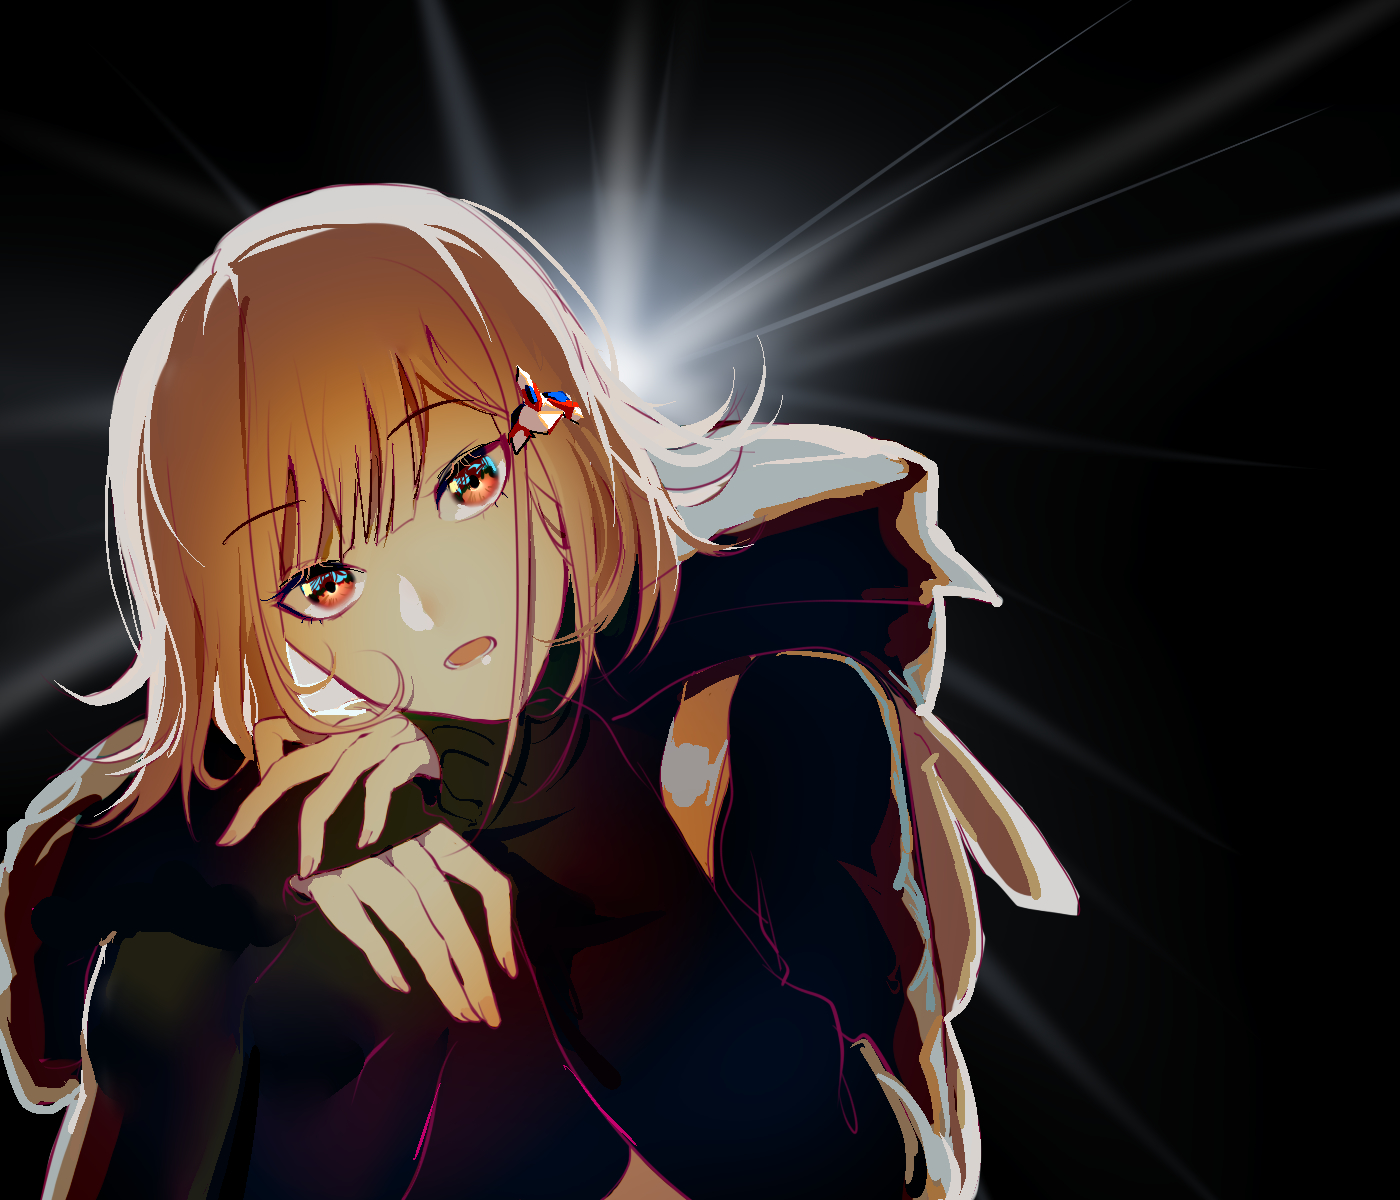 Nanamiの画像 p1_21